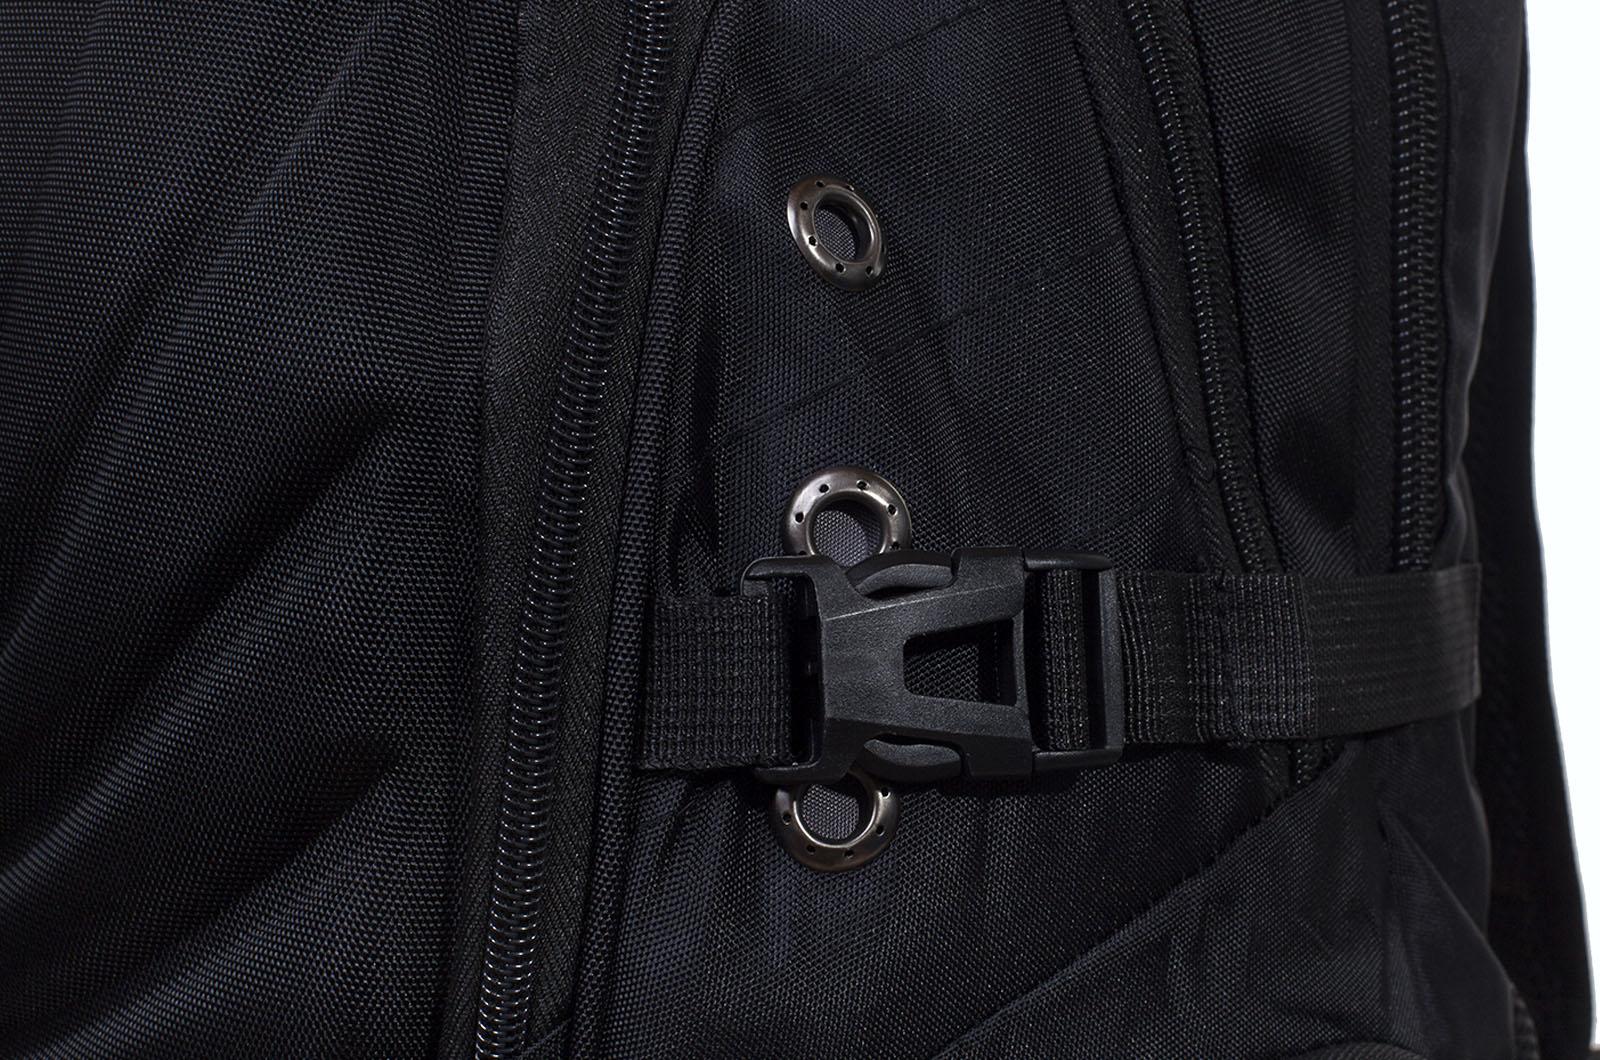 Практичный черный рюкзак с эмблемой Рыболовный Спецназ - купить в Военпро